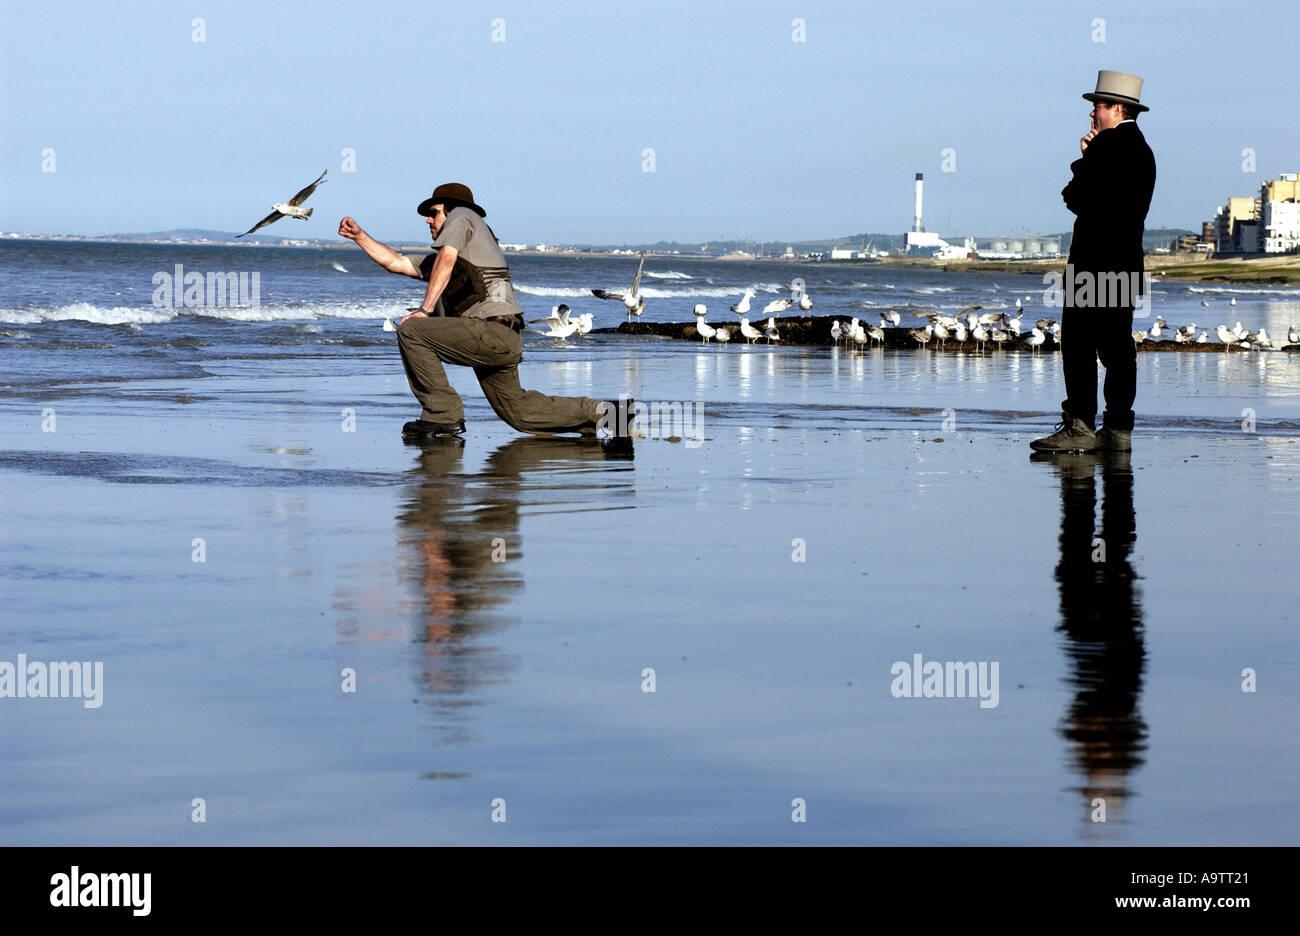 Stone rozando la competencia en la playa de Brighton. Un aspirante lob una piedra, observados por un juez. Foto de stock